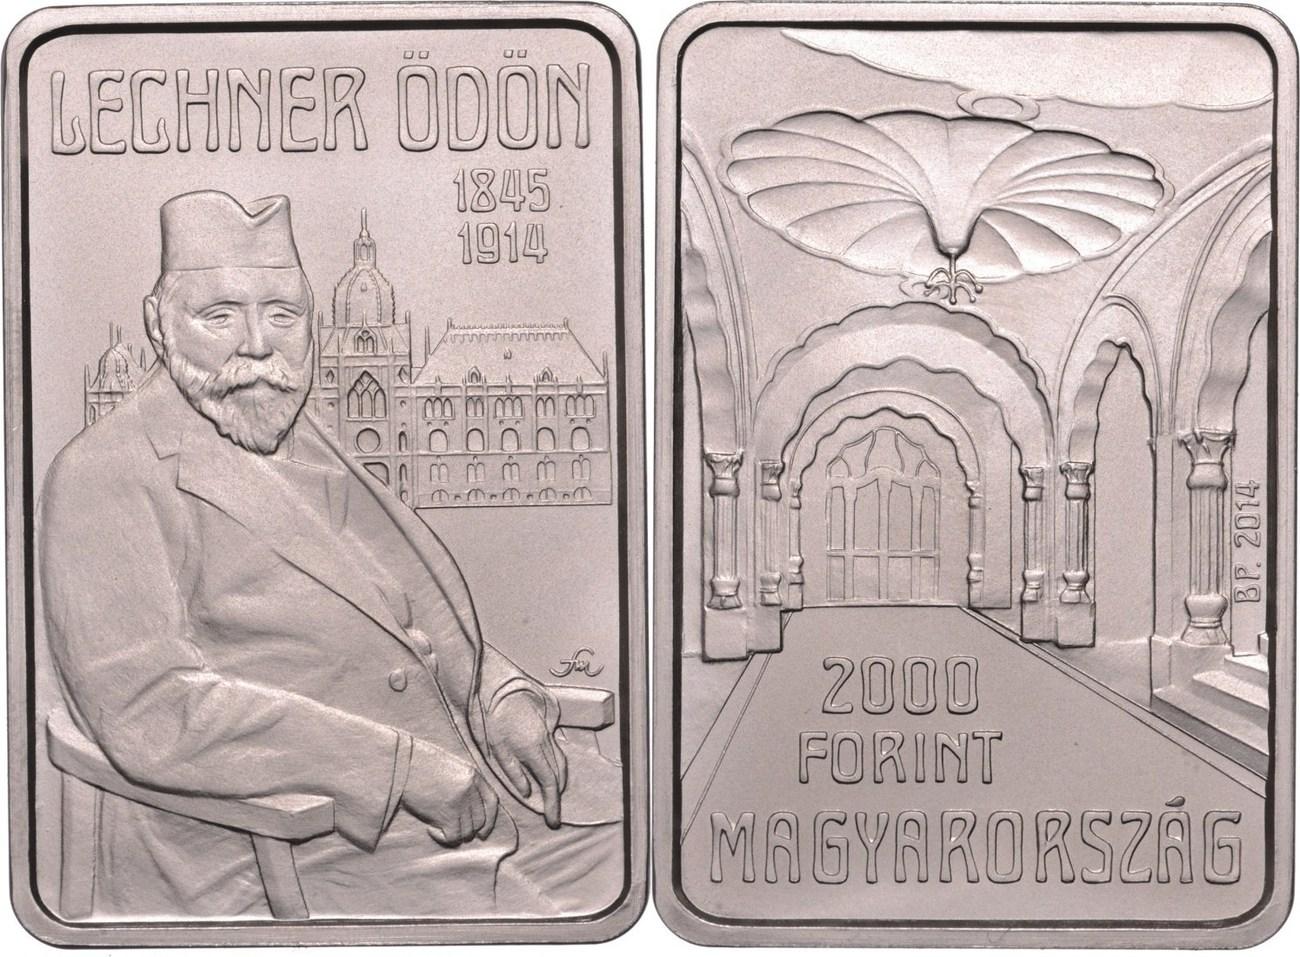 2000 Forint 2014 Ungarn - Hungary - Magyaroszág 100. Todestag von Ödön Lechner unzirkuliert